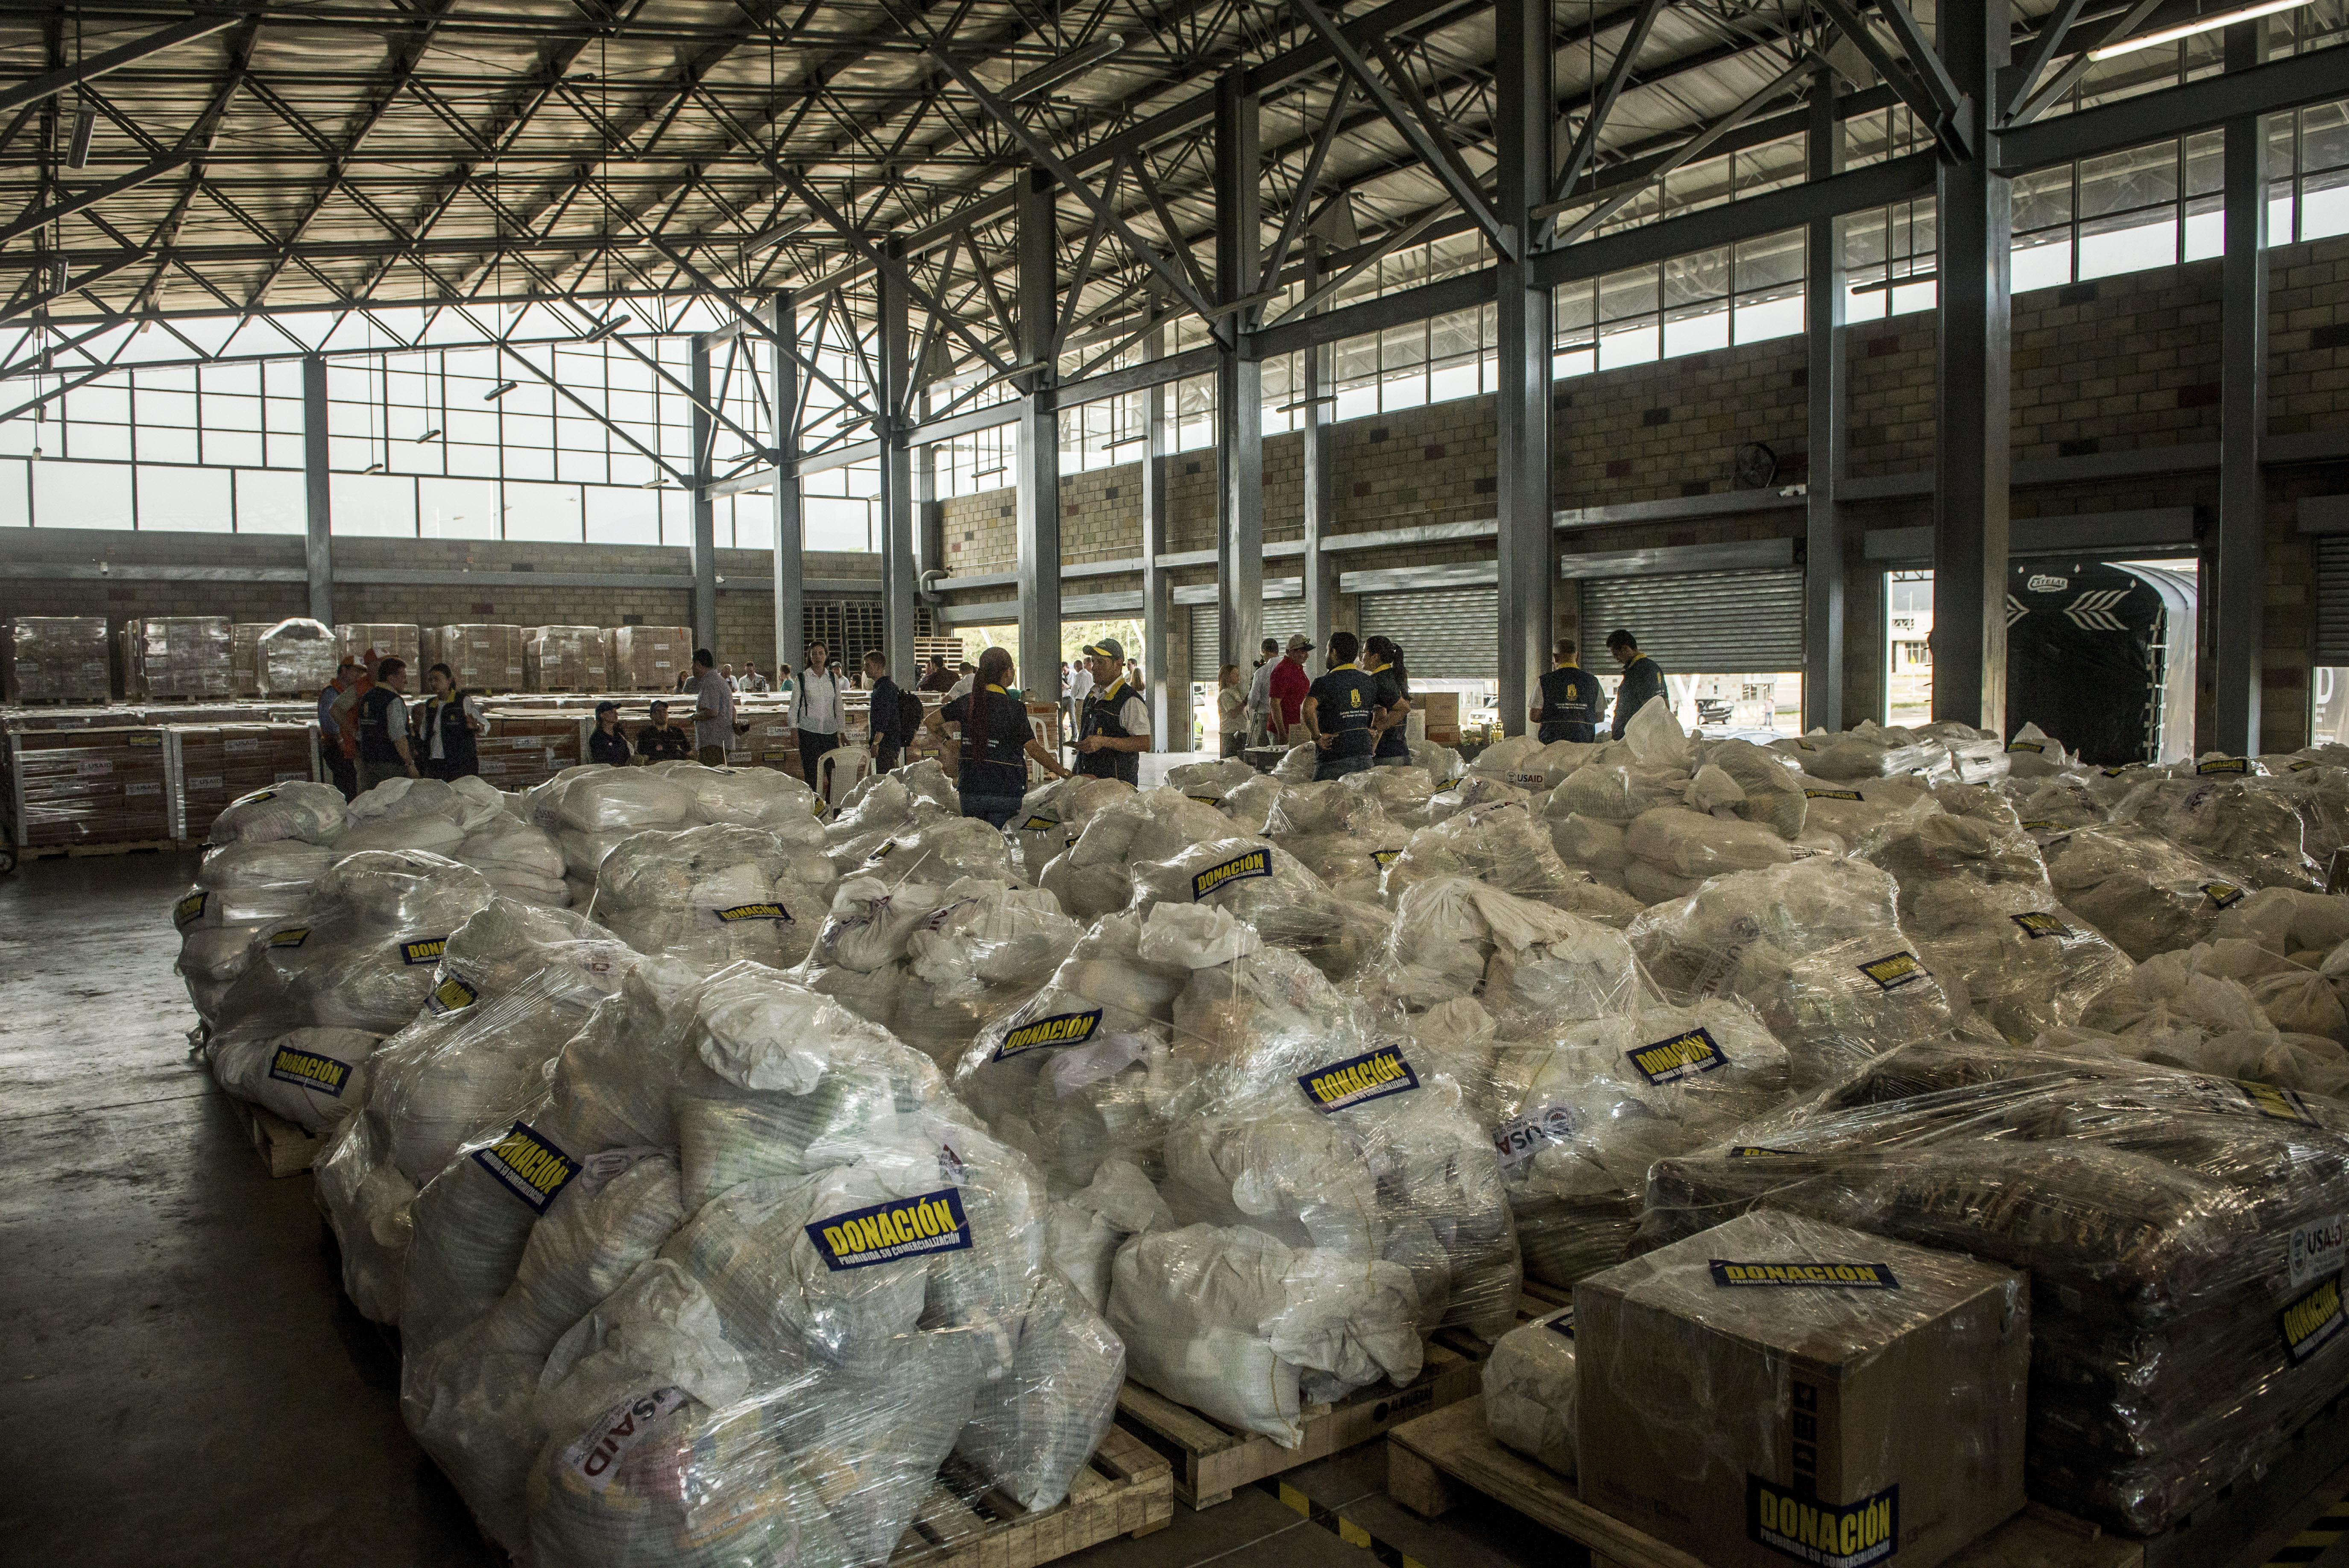 Colombia ha coordinado la entrega deayuda humanitaria al pueblo venezolano por el que se han presentado confrontaciones en puente fronterizo. (Meridith Kohut/The New York Times)